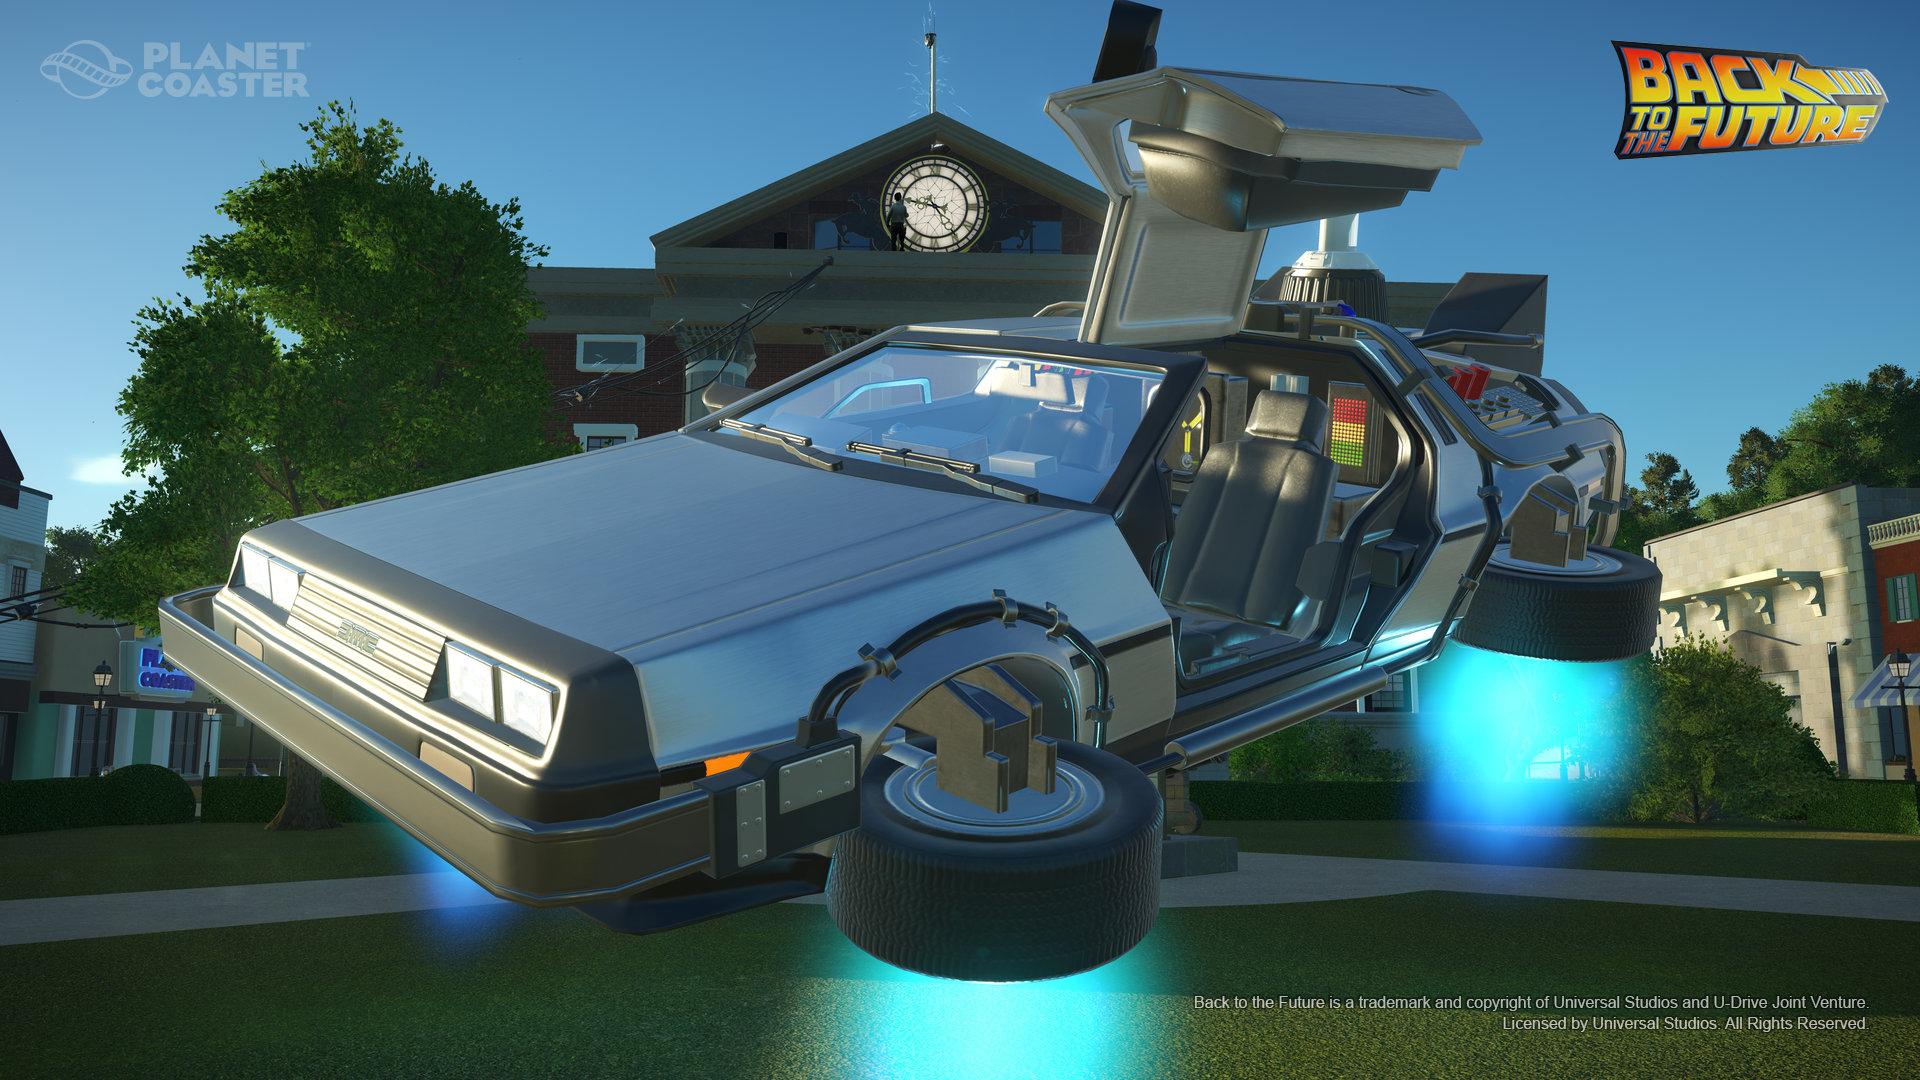 Planet Coaster - BacktotheFutureTimeMachineConstructionKit screenshot